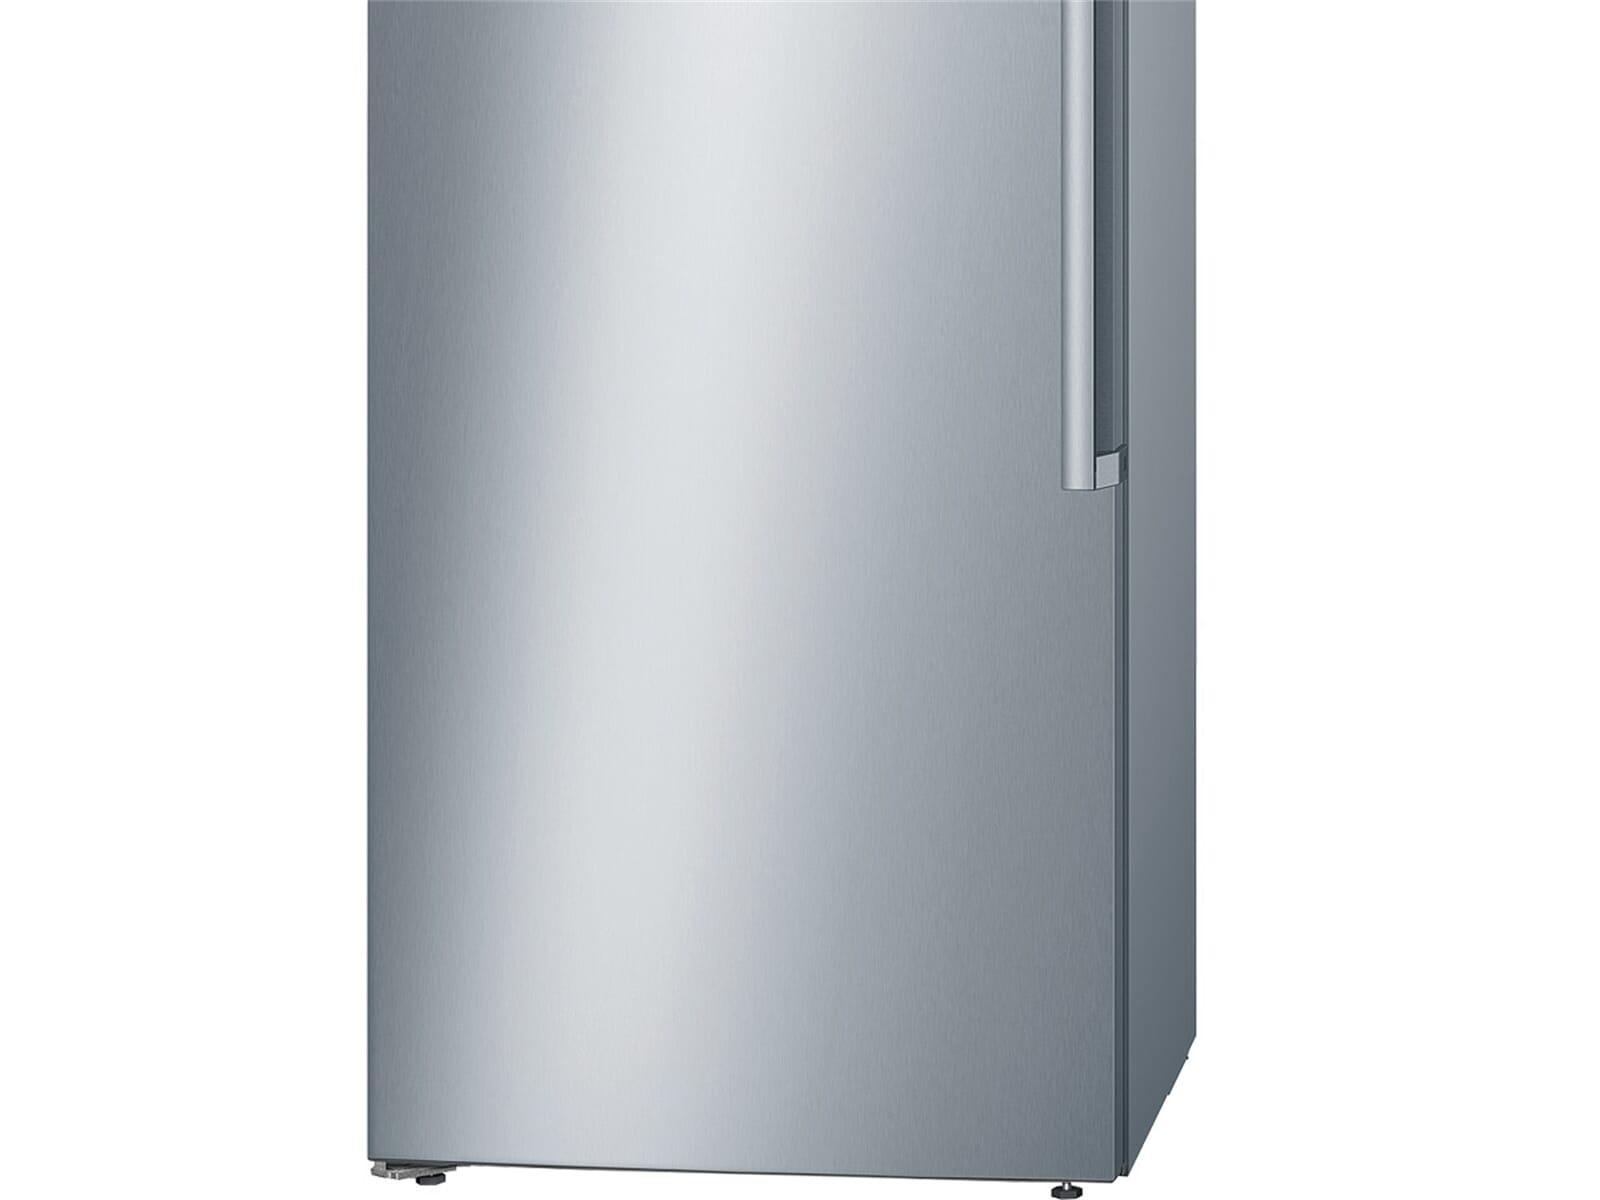 Bosch Kühlschrank Heiß : Bosch kühlschrank zu warm kühlschrank brummt mögliche ursachen